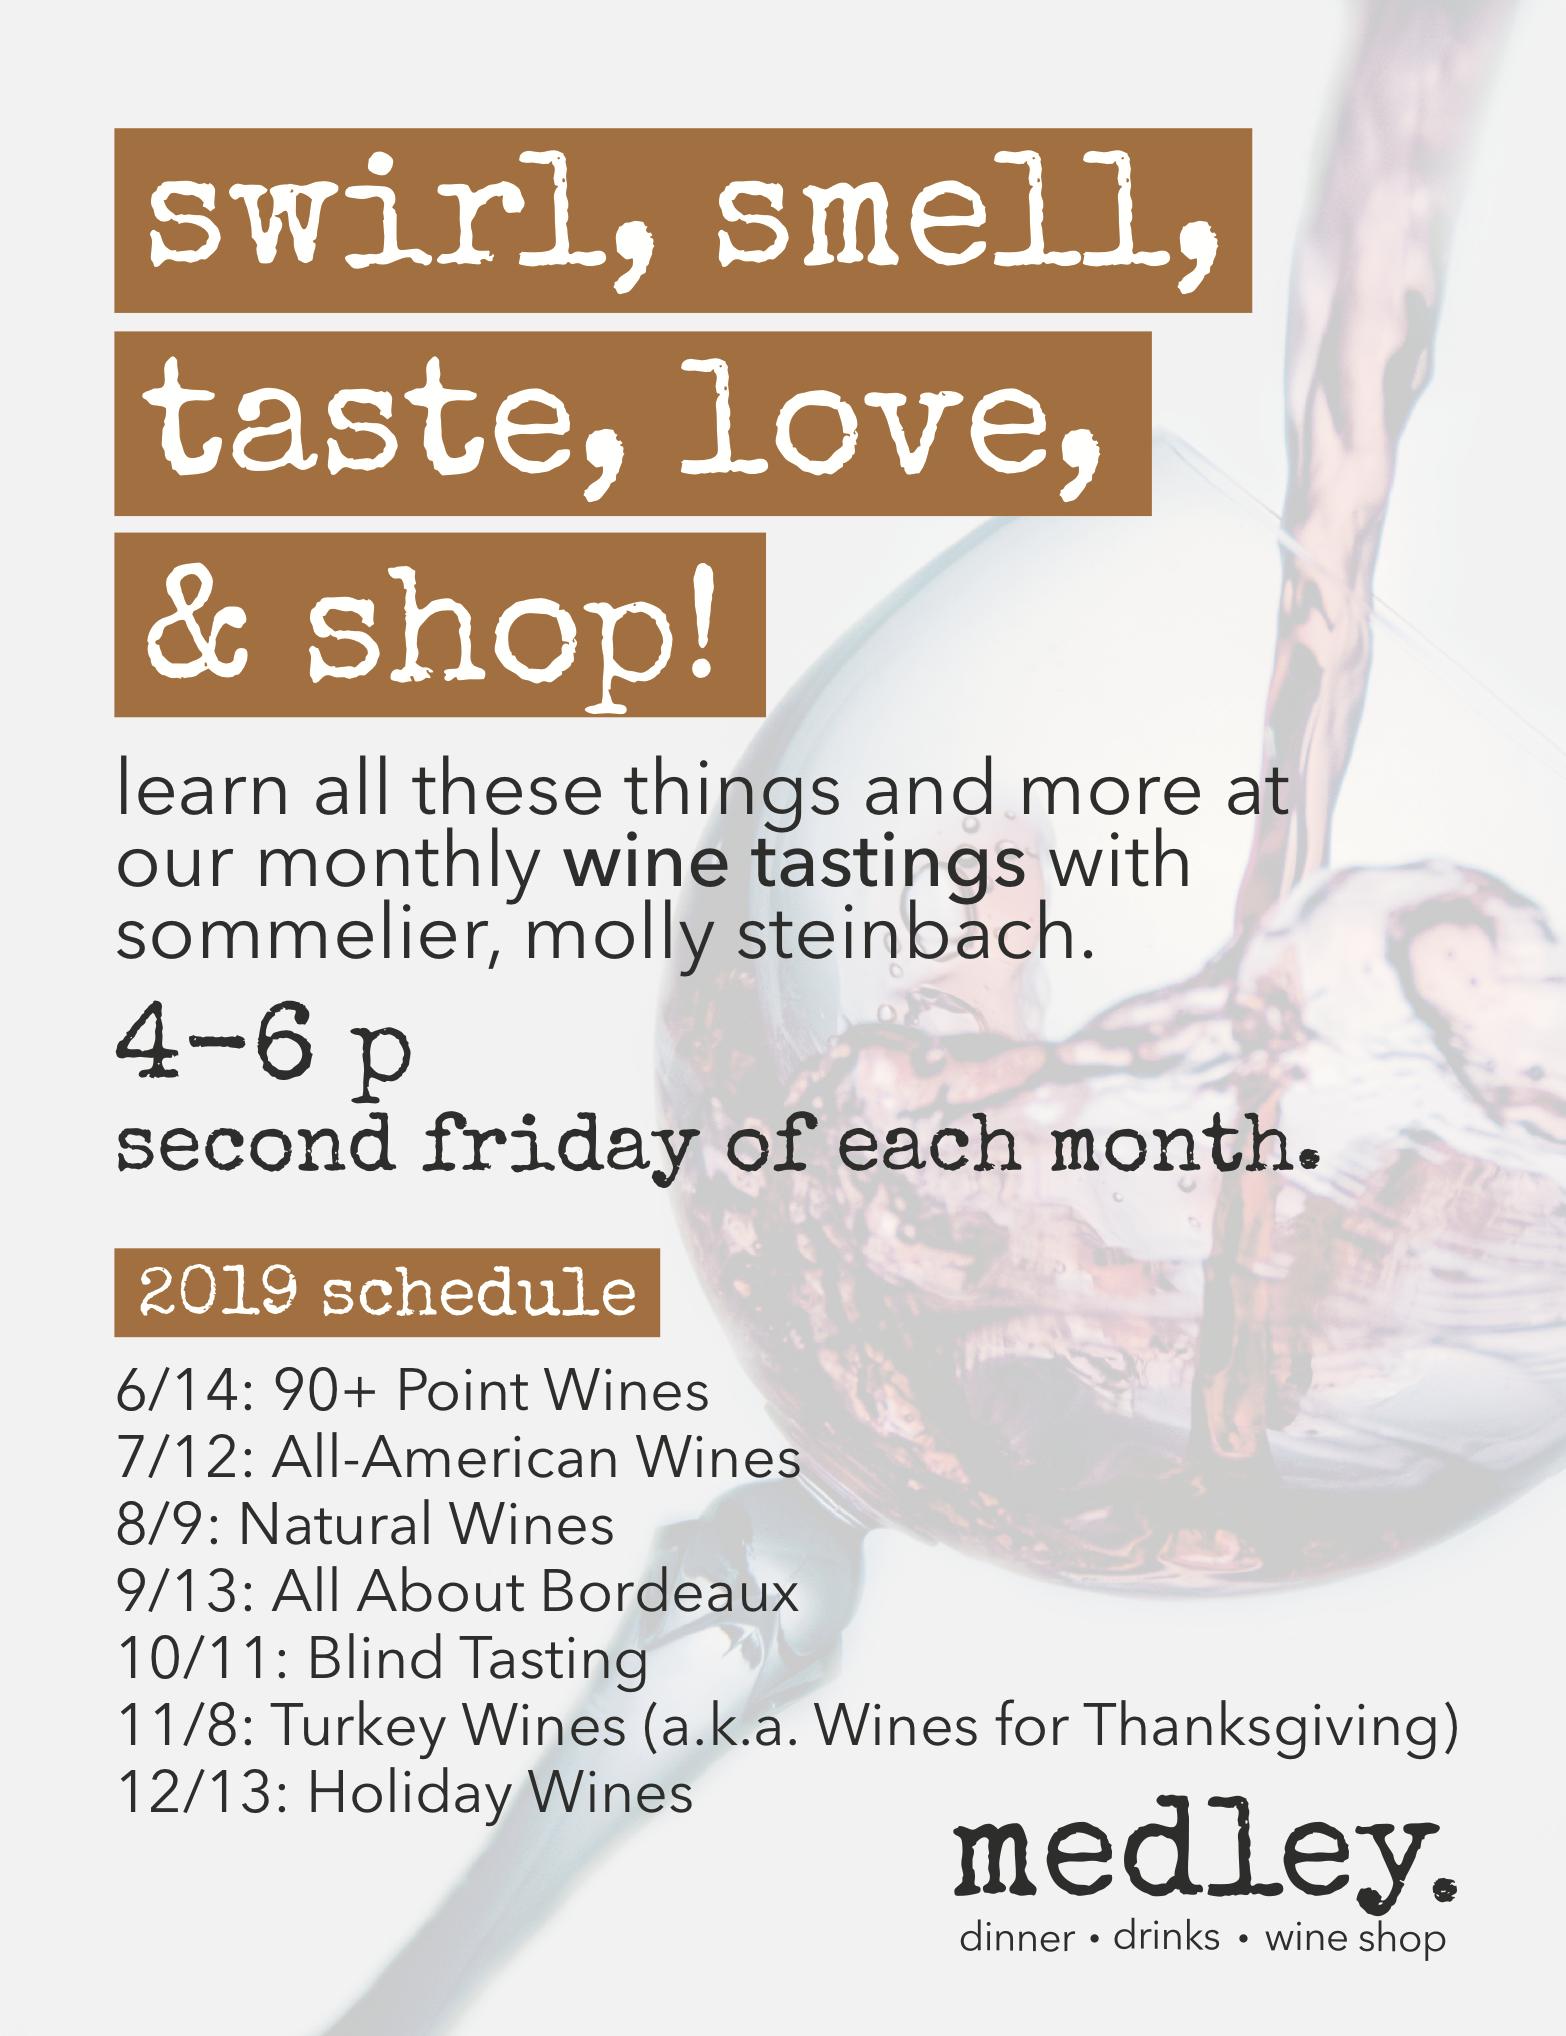 medley wine tasting series